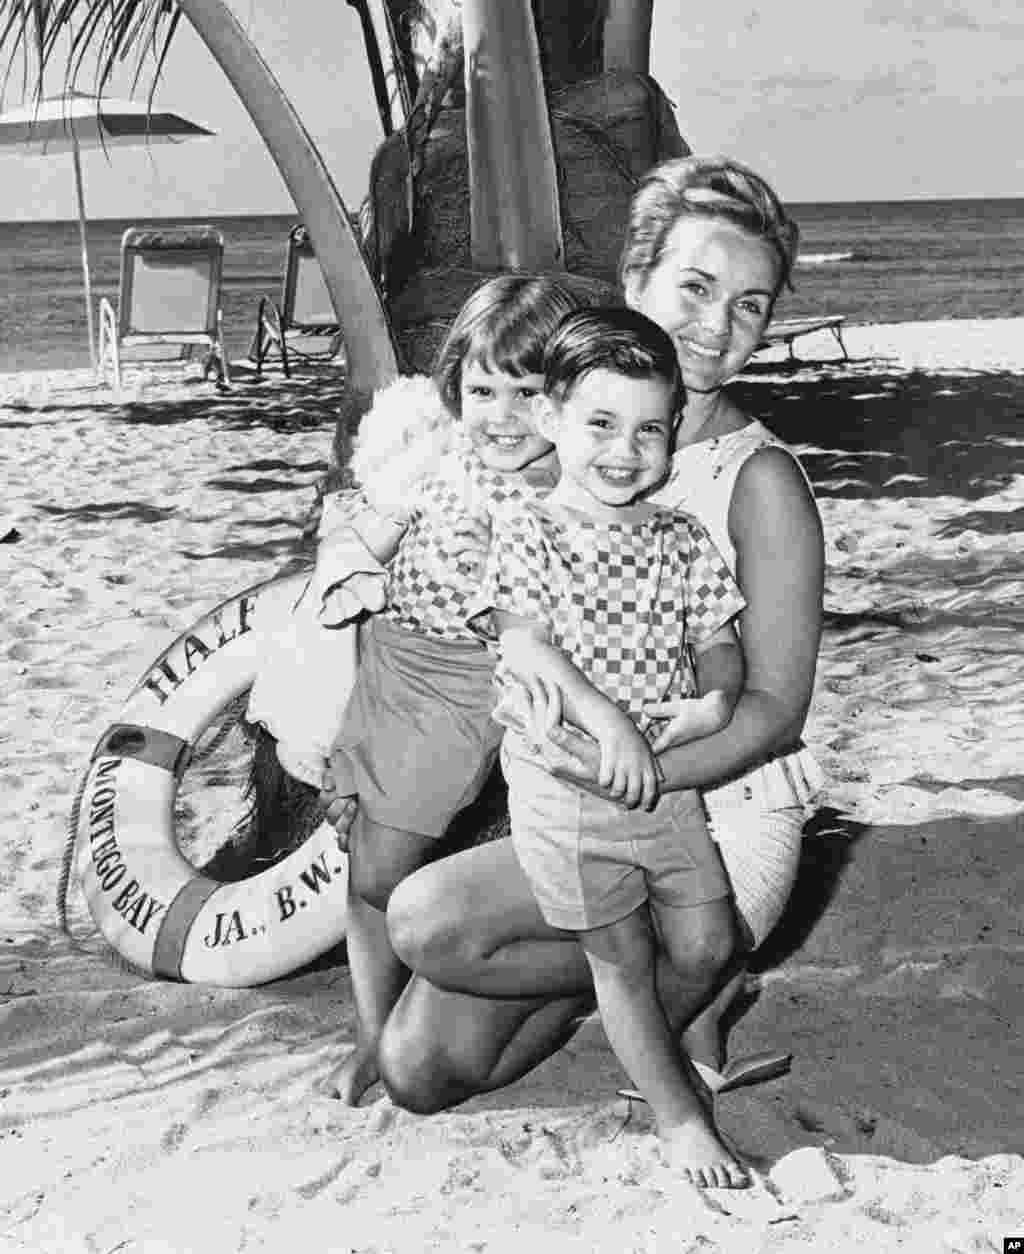 តារាសម្តែងស្រី Debbie Reynolds បានសម្រាកលំហែកាយរយៈពេល២សប្តាហ៏នៅសណ្ឋាគារ Half Moon នៅឆ្នេរ Montego ប្រទេសហ្សាម៉ាអ៊ីកកាលពីថ្ងៃទី២៦ មករា ឆ្នាំ ១៩៦១ ជាមួយនឹងកូនប្រុសស្រីរបស់អ្នកស្រីឈ្មោះ Carrie និង Todd។